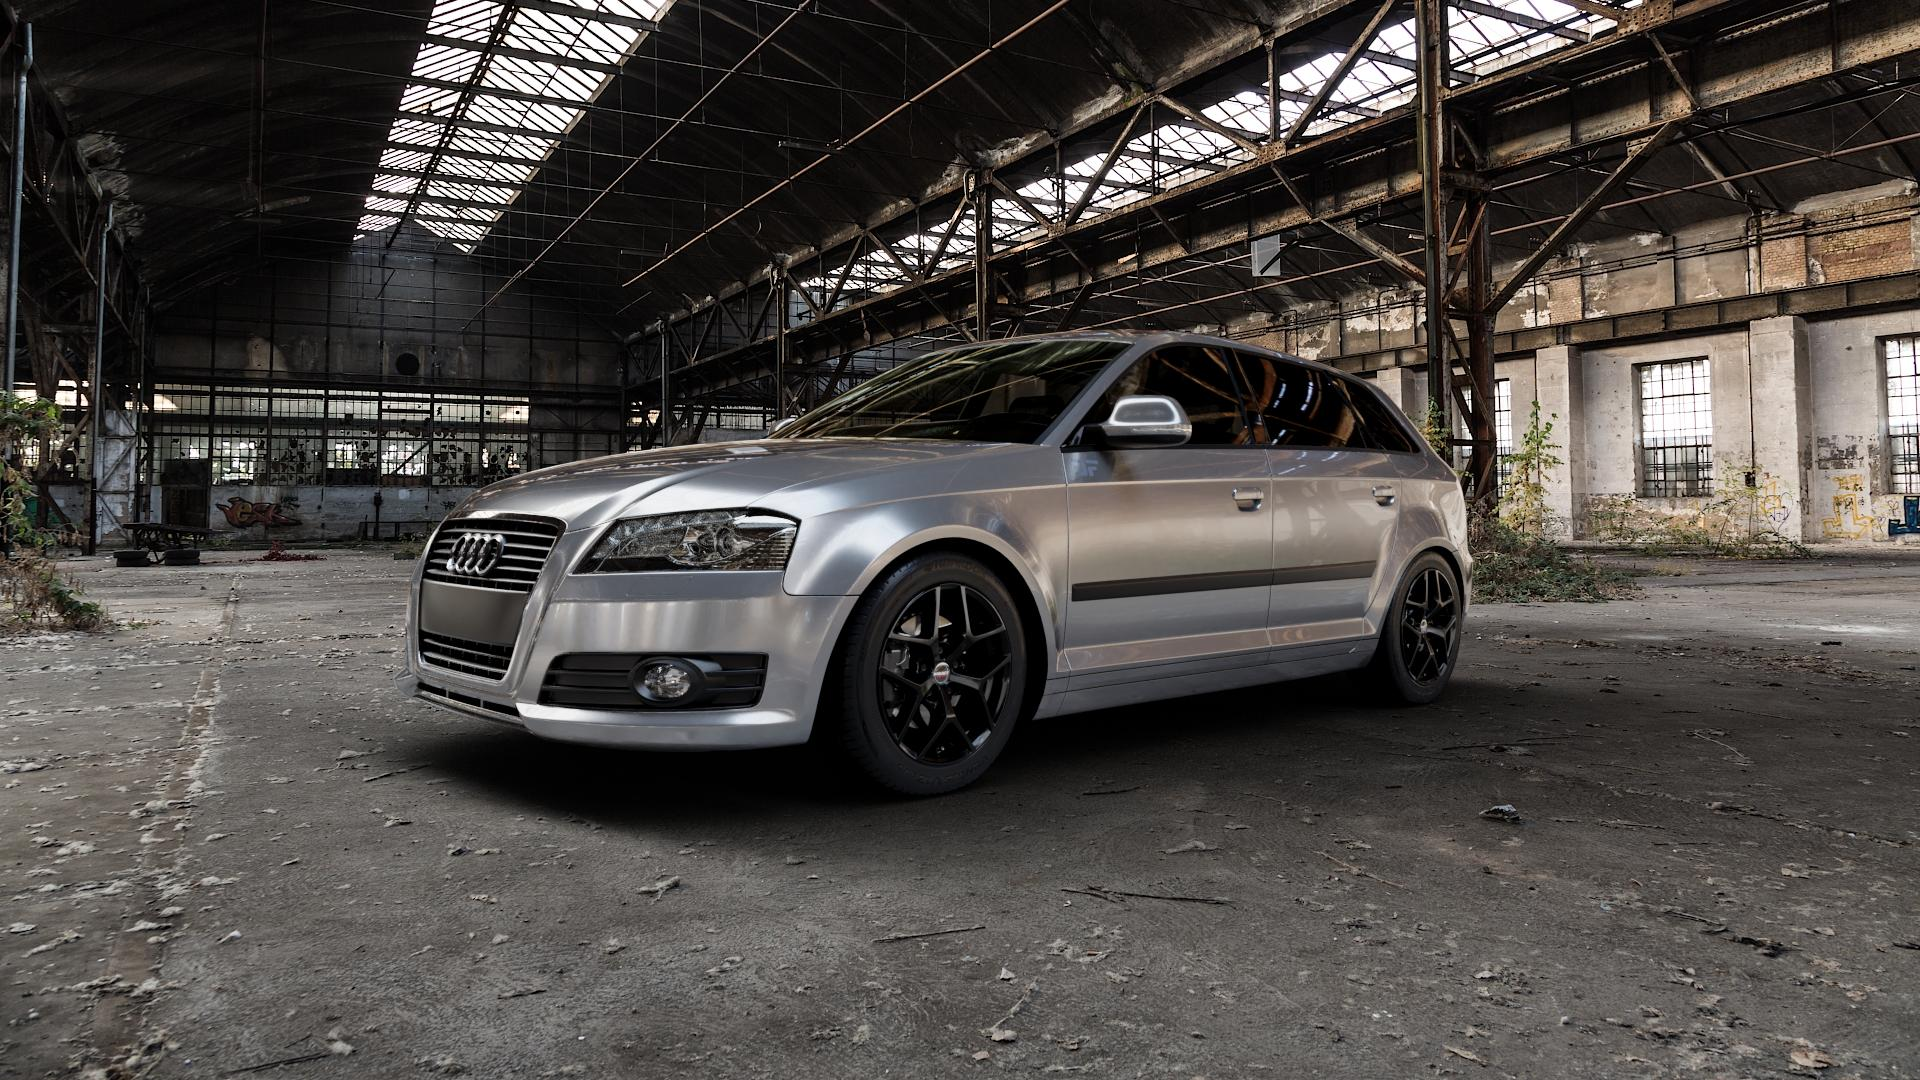 Borbet Y black glossy Felge mit Reifen schwarz in 16Zoll Winterfelge Alufelge auf silbernem Audi A3 Typ 8P (Sportback) 1,6l 75kW (102 PS) 2,0l FSI 110kW (150 1,9l TDI 77kW (105 103kW (140 TFSI 147kW (200 85kW (116 100kW (136 1,8l 118kW (160 125kW (170 1,4l 92kW (125 120kW (163 quattro 3,2l V6 184kW (250 S3 195kW (265 1,2l 66kW (90